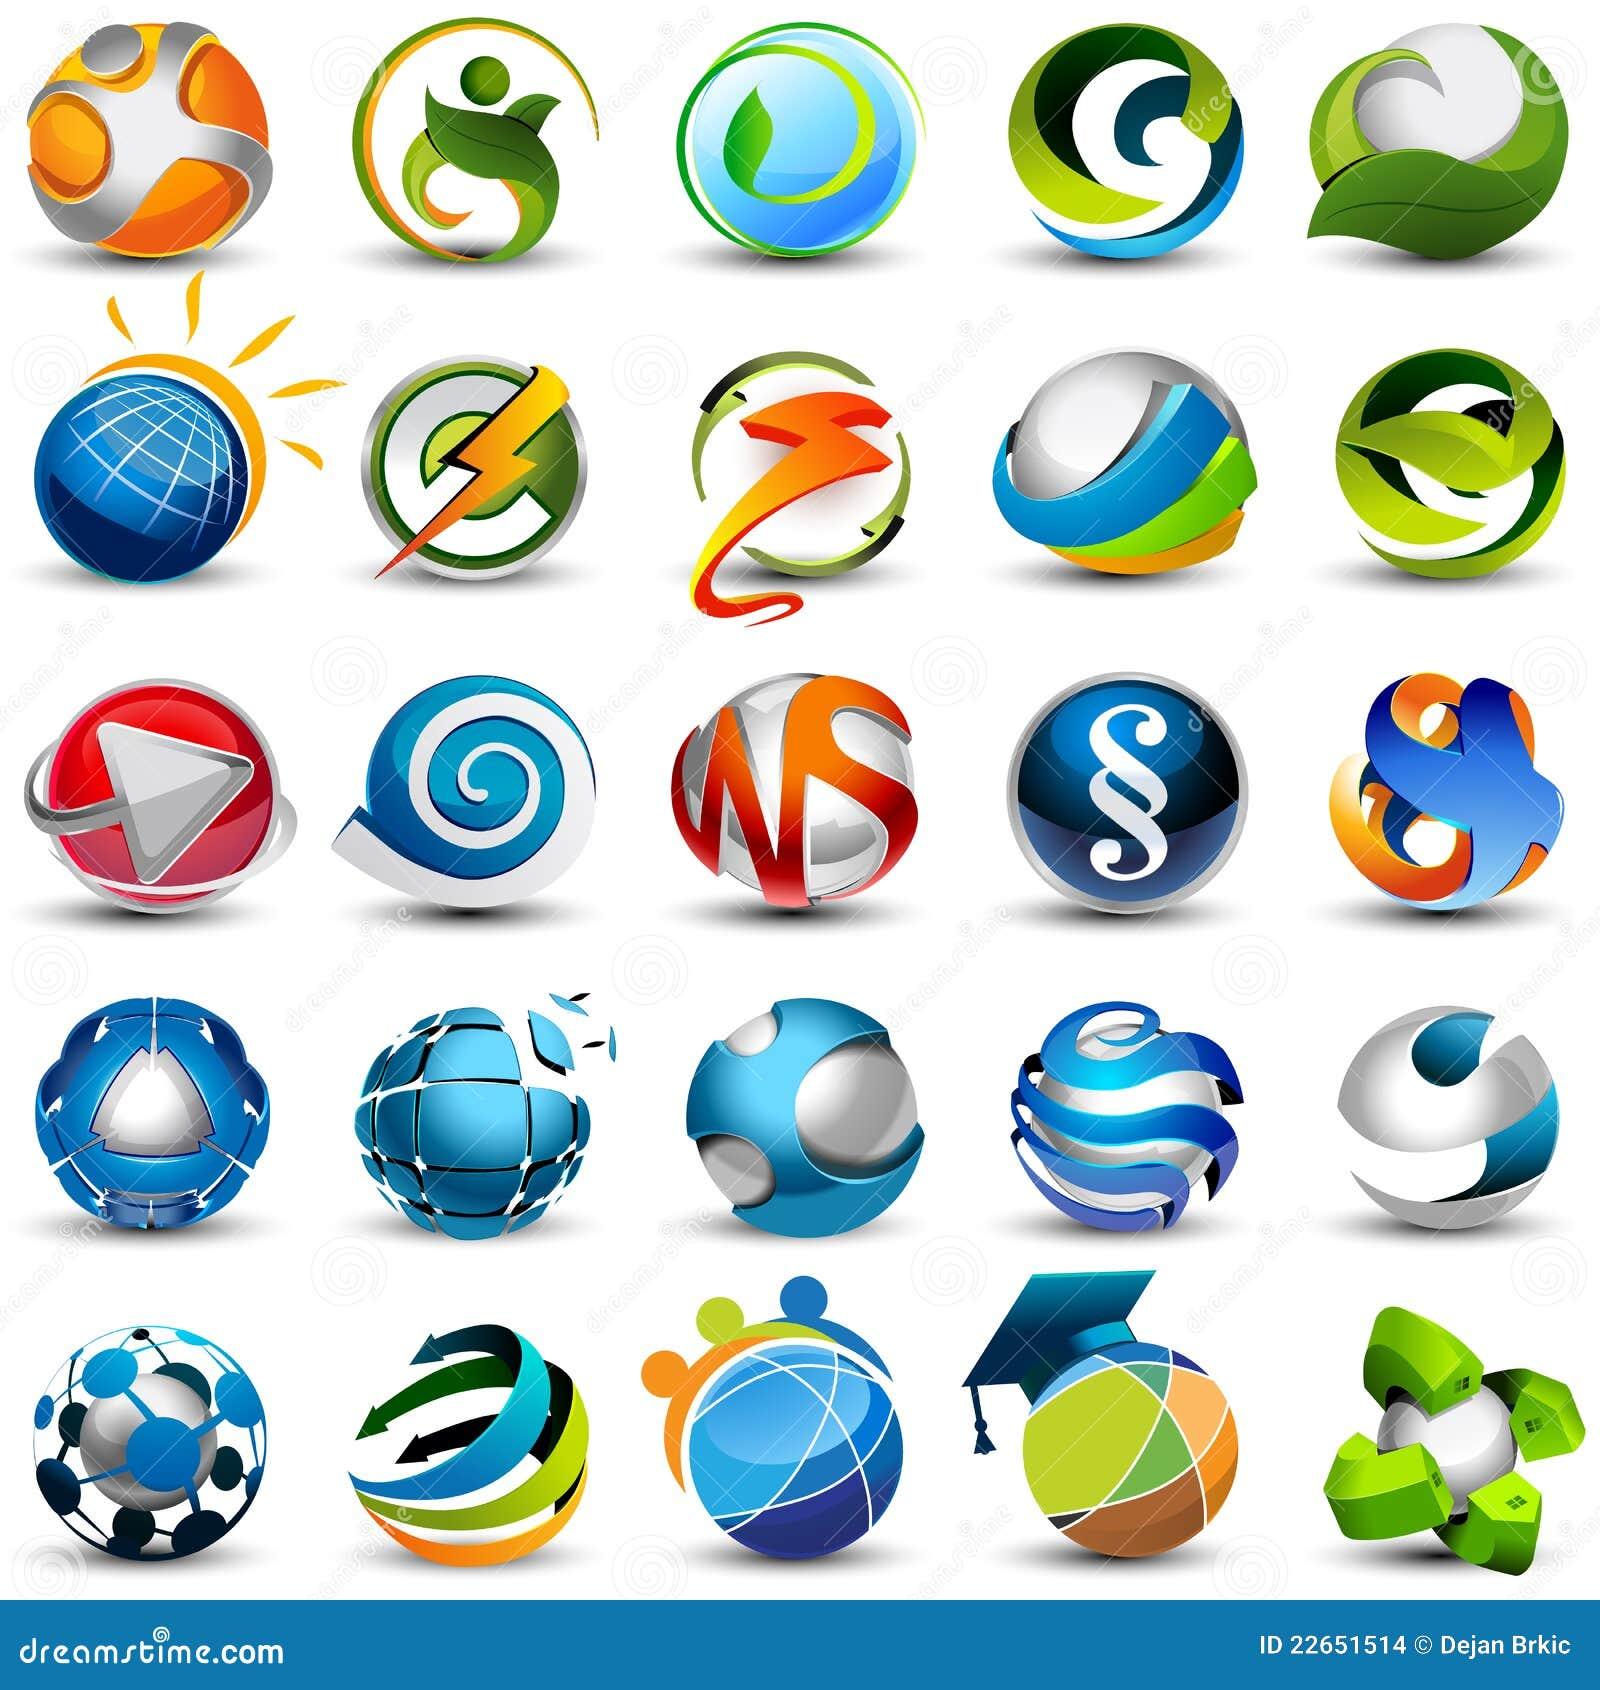 Sphere icons